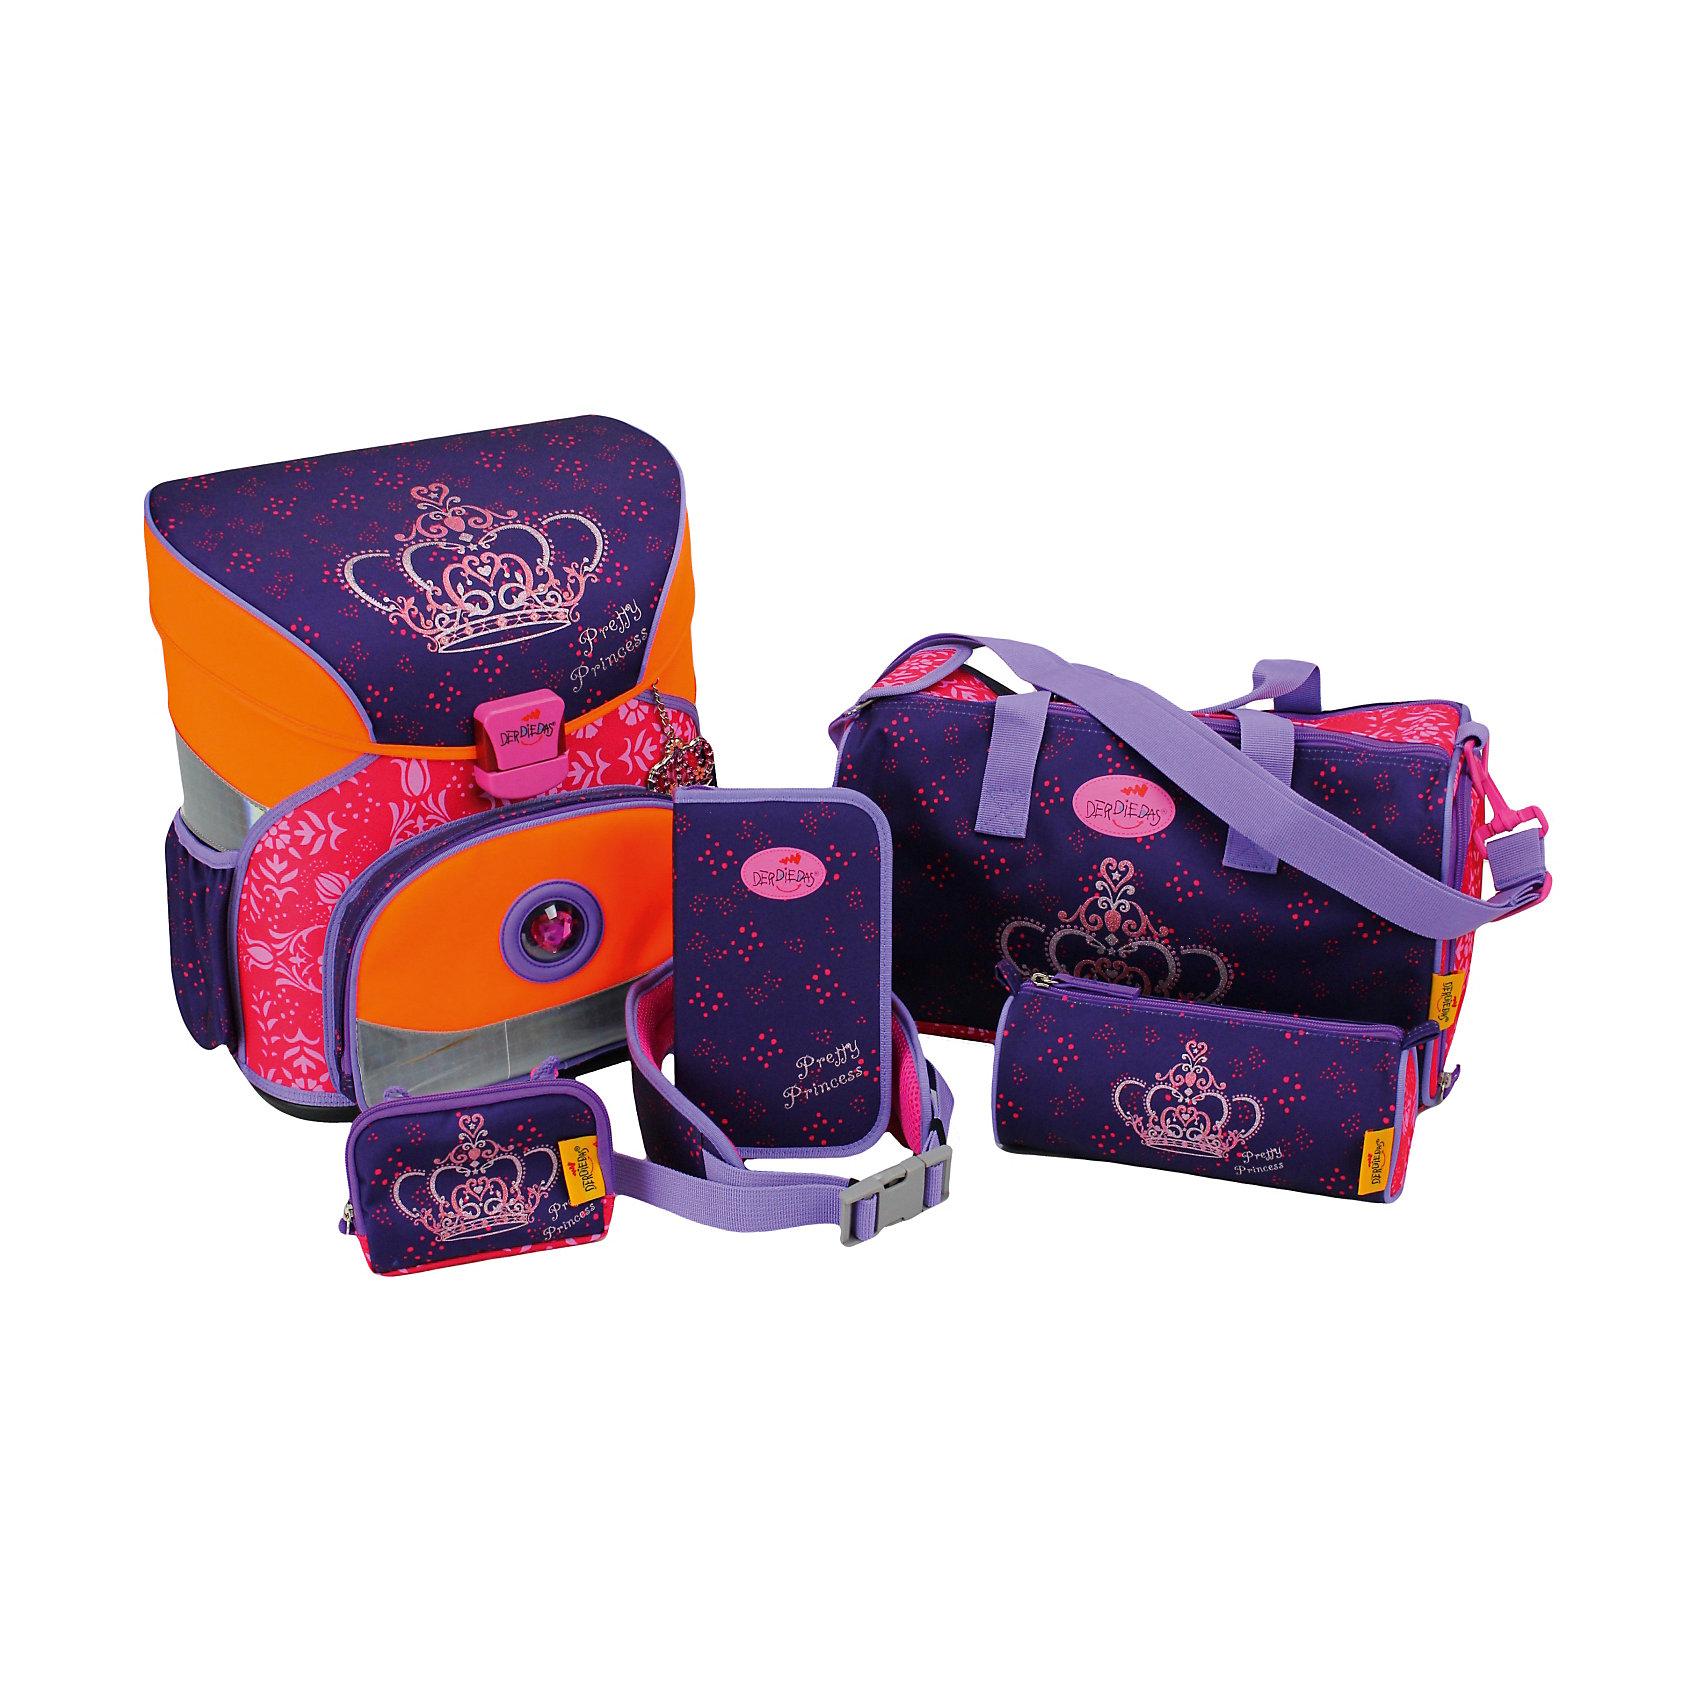 Ранец с наполнением DerDieDas XS Корона принцессыРанцы<br>Вес: 800г.<br>Размер: 36*35*23 см<br>Состав: спортивная сумка, пенал с наполнением, пенал пустой, кошелек на веревочке, поясной ремень.<br>Наличие светоотражающих элементов: да<br>Материал: полиэстер<br>Объем: 17л<br>Спина: жесткая<br>Наличие дополнительных карманов внутри: нет<br>Дно выбрать: жесткое<br>Количество отделений внутри: 2<br>Боковые карманы: есть резинка/молния<br>Замок: защелка<br>Вмещает А4: да<br>Подойдет для возраста какого 6-11 лет для роста 122-146<br>Описание: Школьные ранцы DerDieDas: немецкое качество и надежность<br>Удобство ранца заключается в том, что ортопедический каркас не допускает искривления позвоночника, рационально распределяет нагрузку по всей спине и уменьшает вес ранца.<br>Укороченная ручка слегка смещена к задней  части, поэтому рюкзак неудобно носить в руке, а значит, он будет находиться там, где предусмотрено его расположение – на спине.<br>Светоотражающие полосы Reflexite покрывают 10 % ранца, делая школьника видимым на дороге и днем, и ночью.<br>Спинка и лямки рюкзака выполнены из «дышащей» сетки, благодаря которой спина не потеет, и ребенок чувствует себя комфортно. Лямки выполнены из очень мягкой ткани и легко подгоняются по длине.<br>Прочный и долговечный материал полиэстер отличается высокой износостойкостью.<br>Ранец разработан учеными и врачами специально для учеников младших классов.<br>Качественный и надежный замок, приспособленный для детей, открывается и закрывается без усилий.<br>Внутреннее отделение легко вмещает все школьные принадлежности и учебники.<br>Обшивка рюкзака выполнена из водостойкой ткани, что защищает содержимое ранца от промокания.<br>Устойчивое днище из пластика сохраняет форму ранца и оберегает его от загрязнения и влаги.<br>Ранец не требует специального ухода, легко очищается и устойчив к загрязнениям.<br>Яркие рисунки отличаются стойкостью цвета, не вызывают аллергию и не линяют.<br><br>Ширина мм: 368<br>Глубина мм: 344<br>Высота мм: 231<